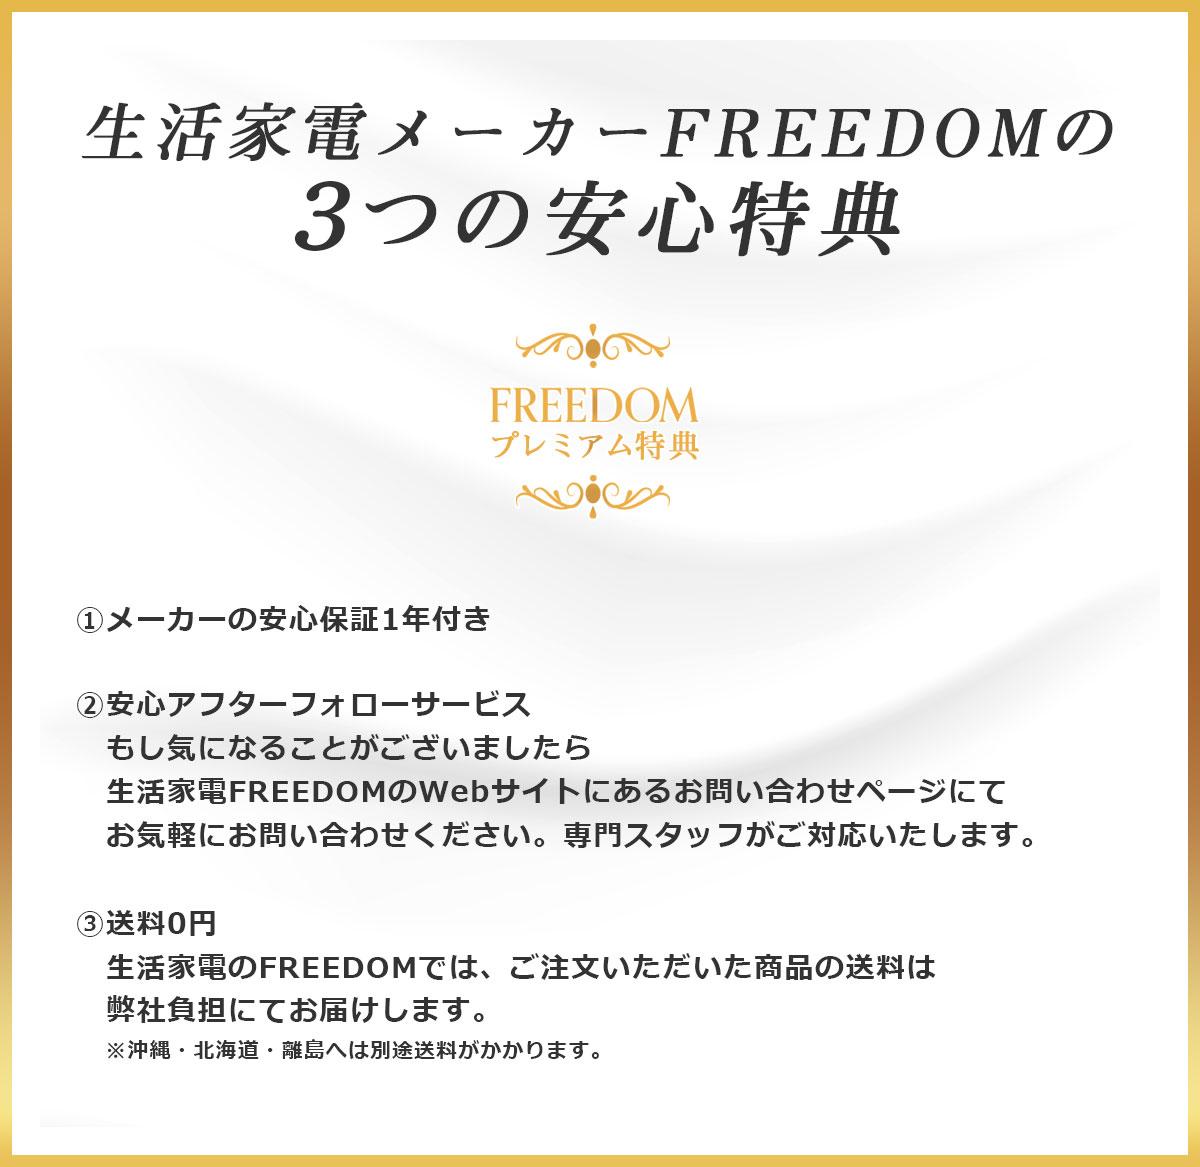 FREEDAN(フリーダン)